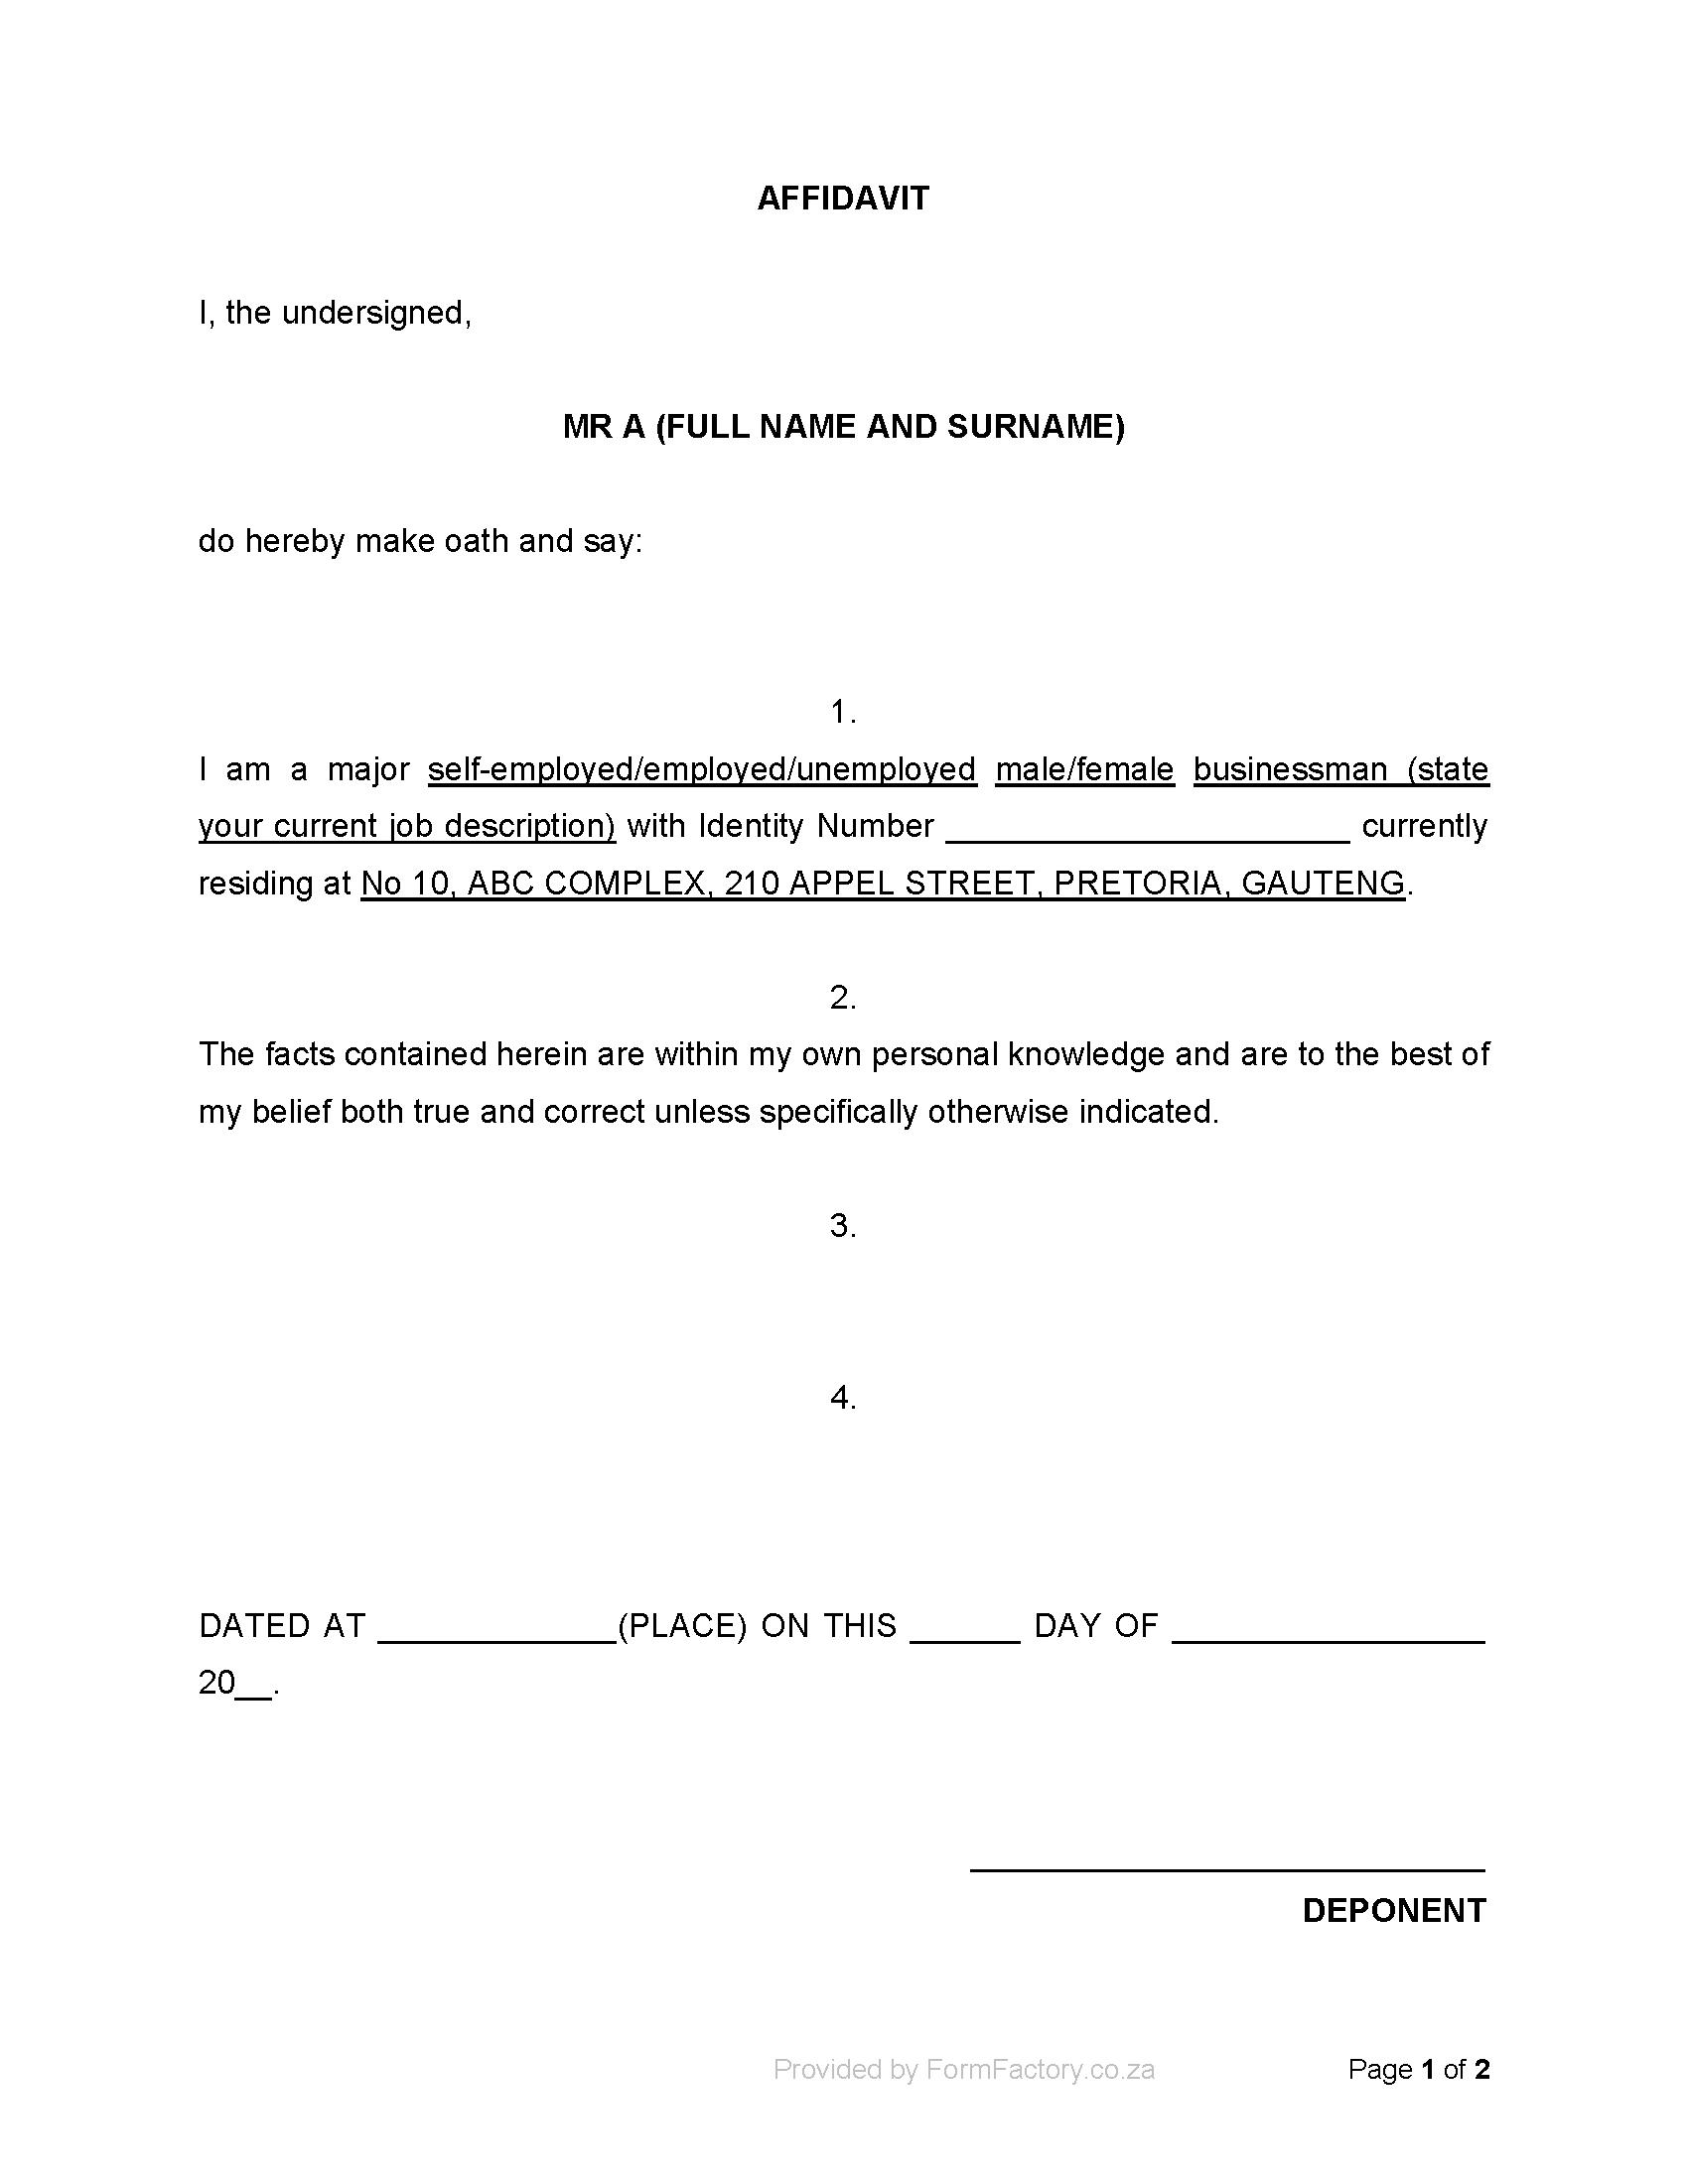 Free General Affidavit Form Download South Africa